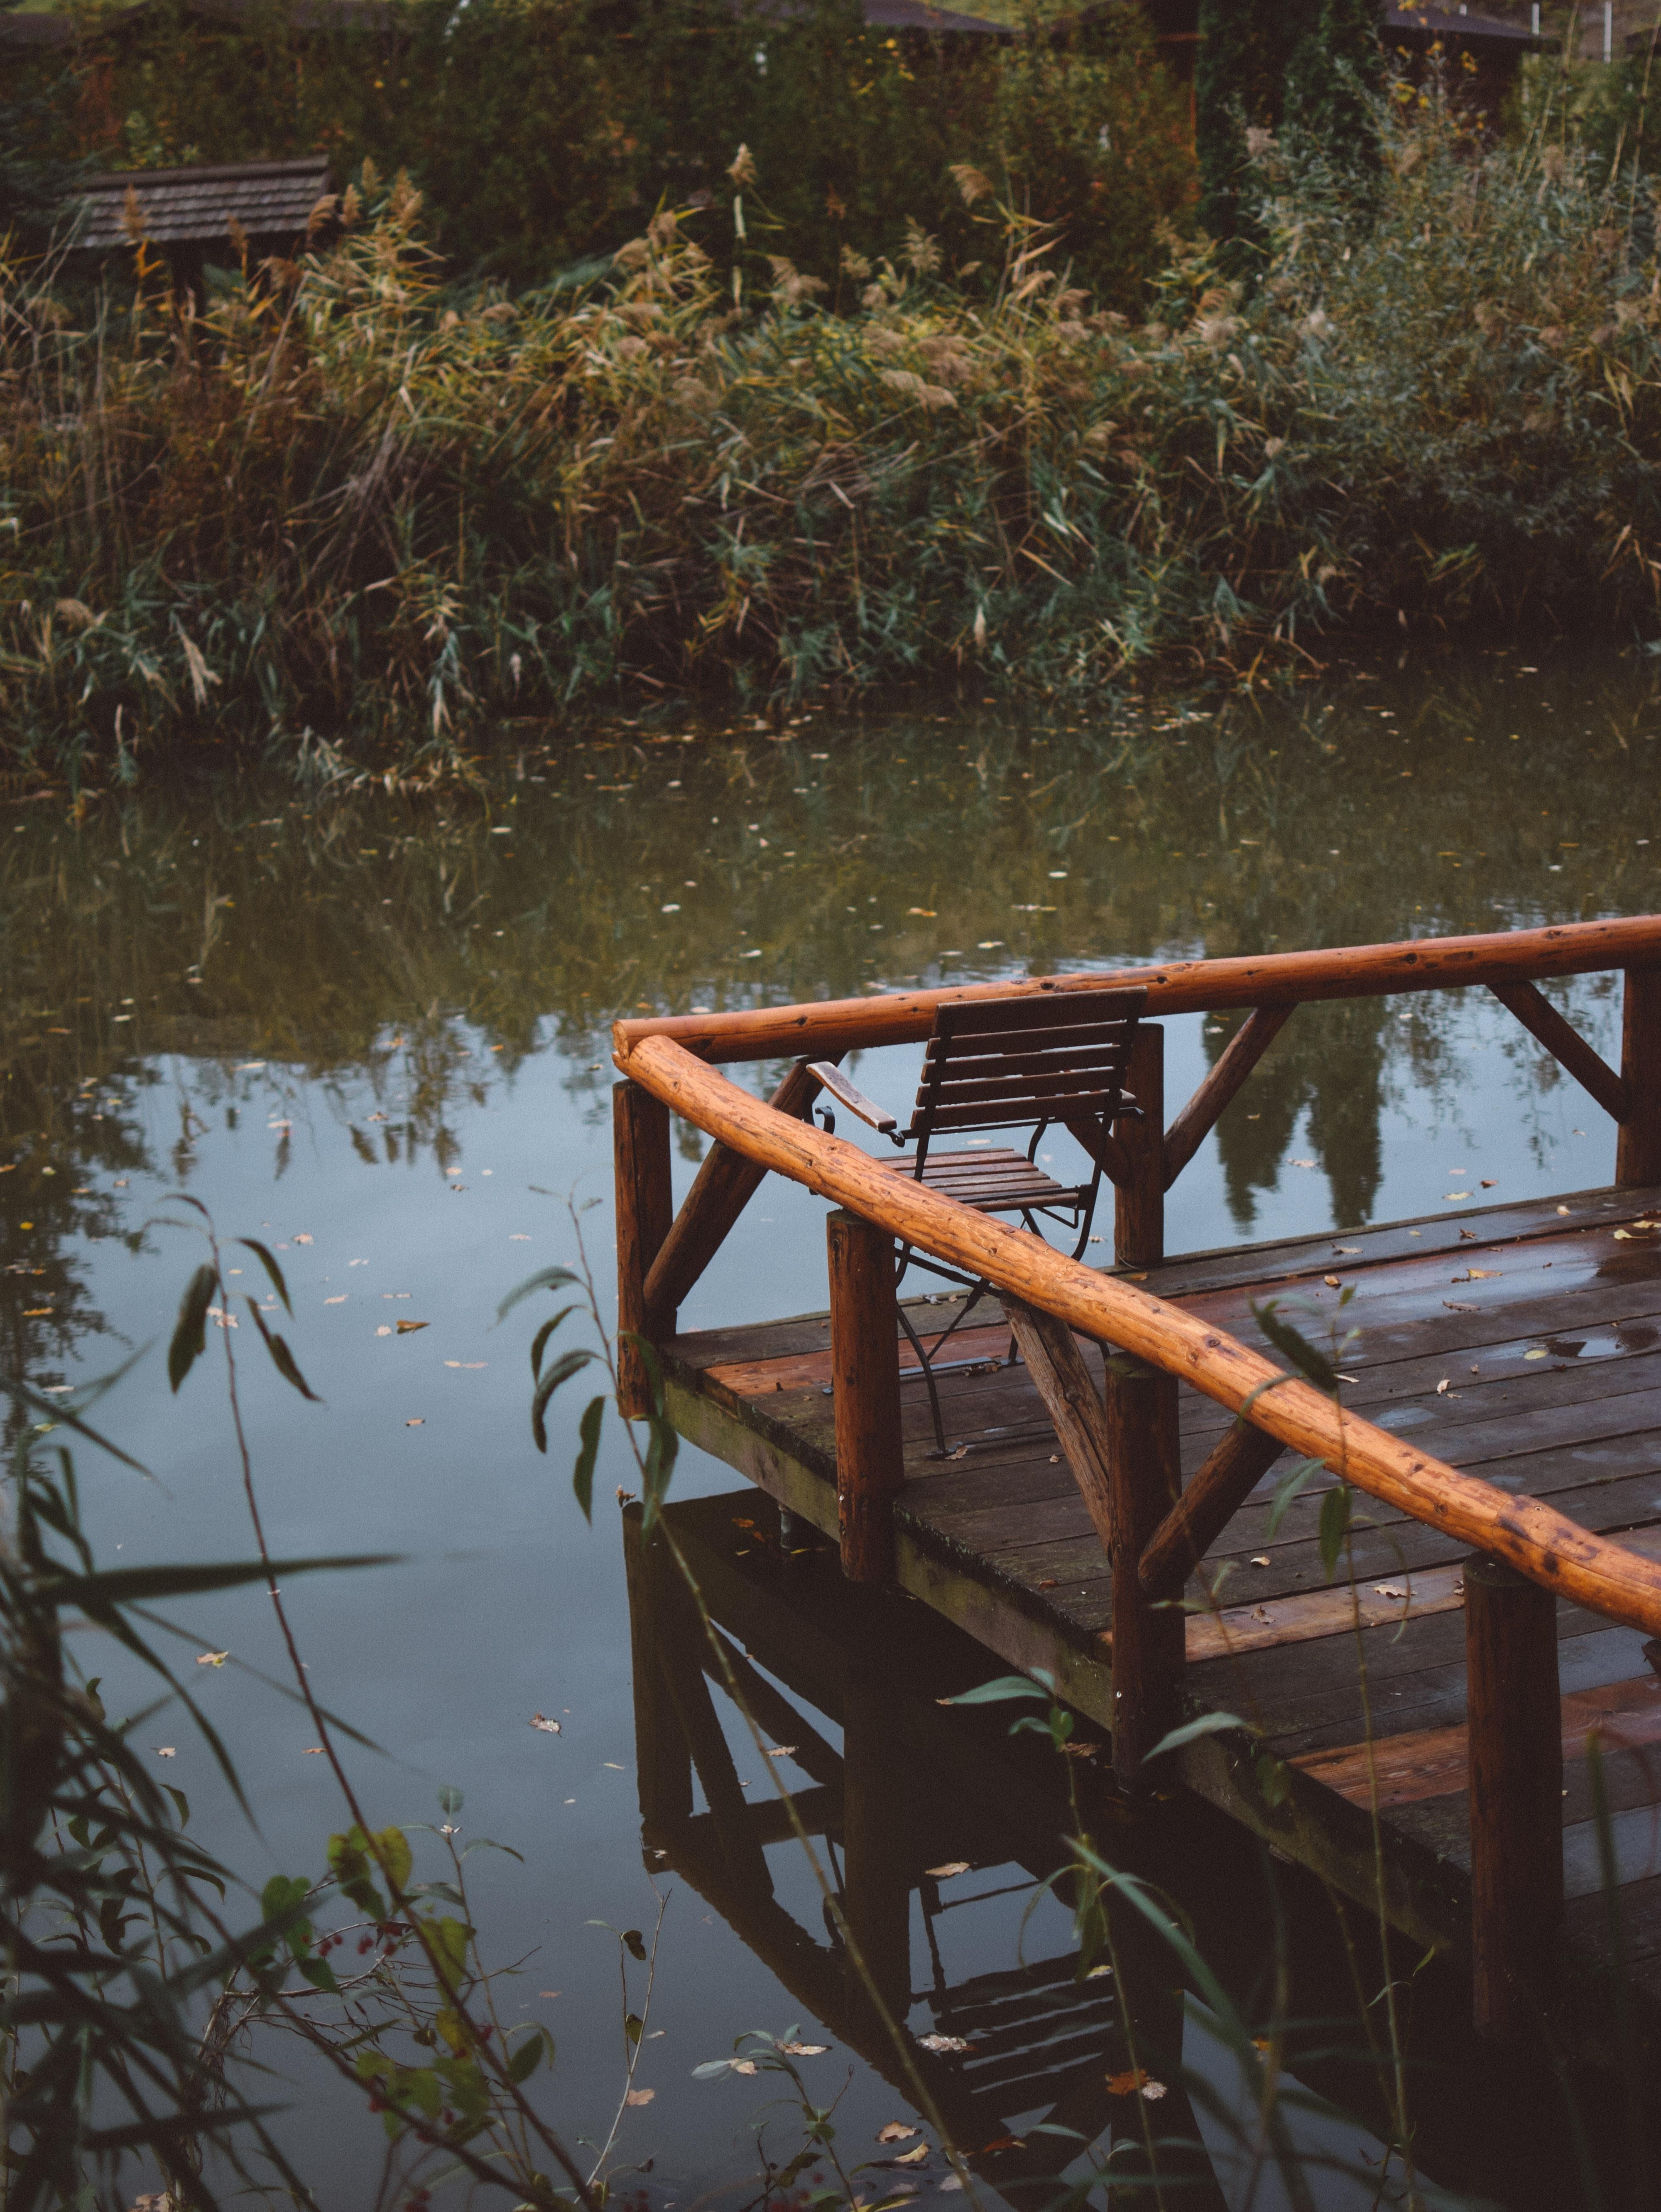 brown wooden water dock near grass